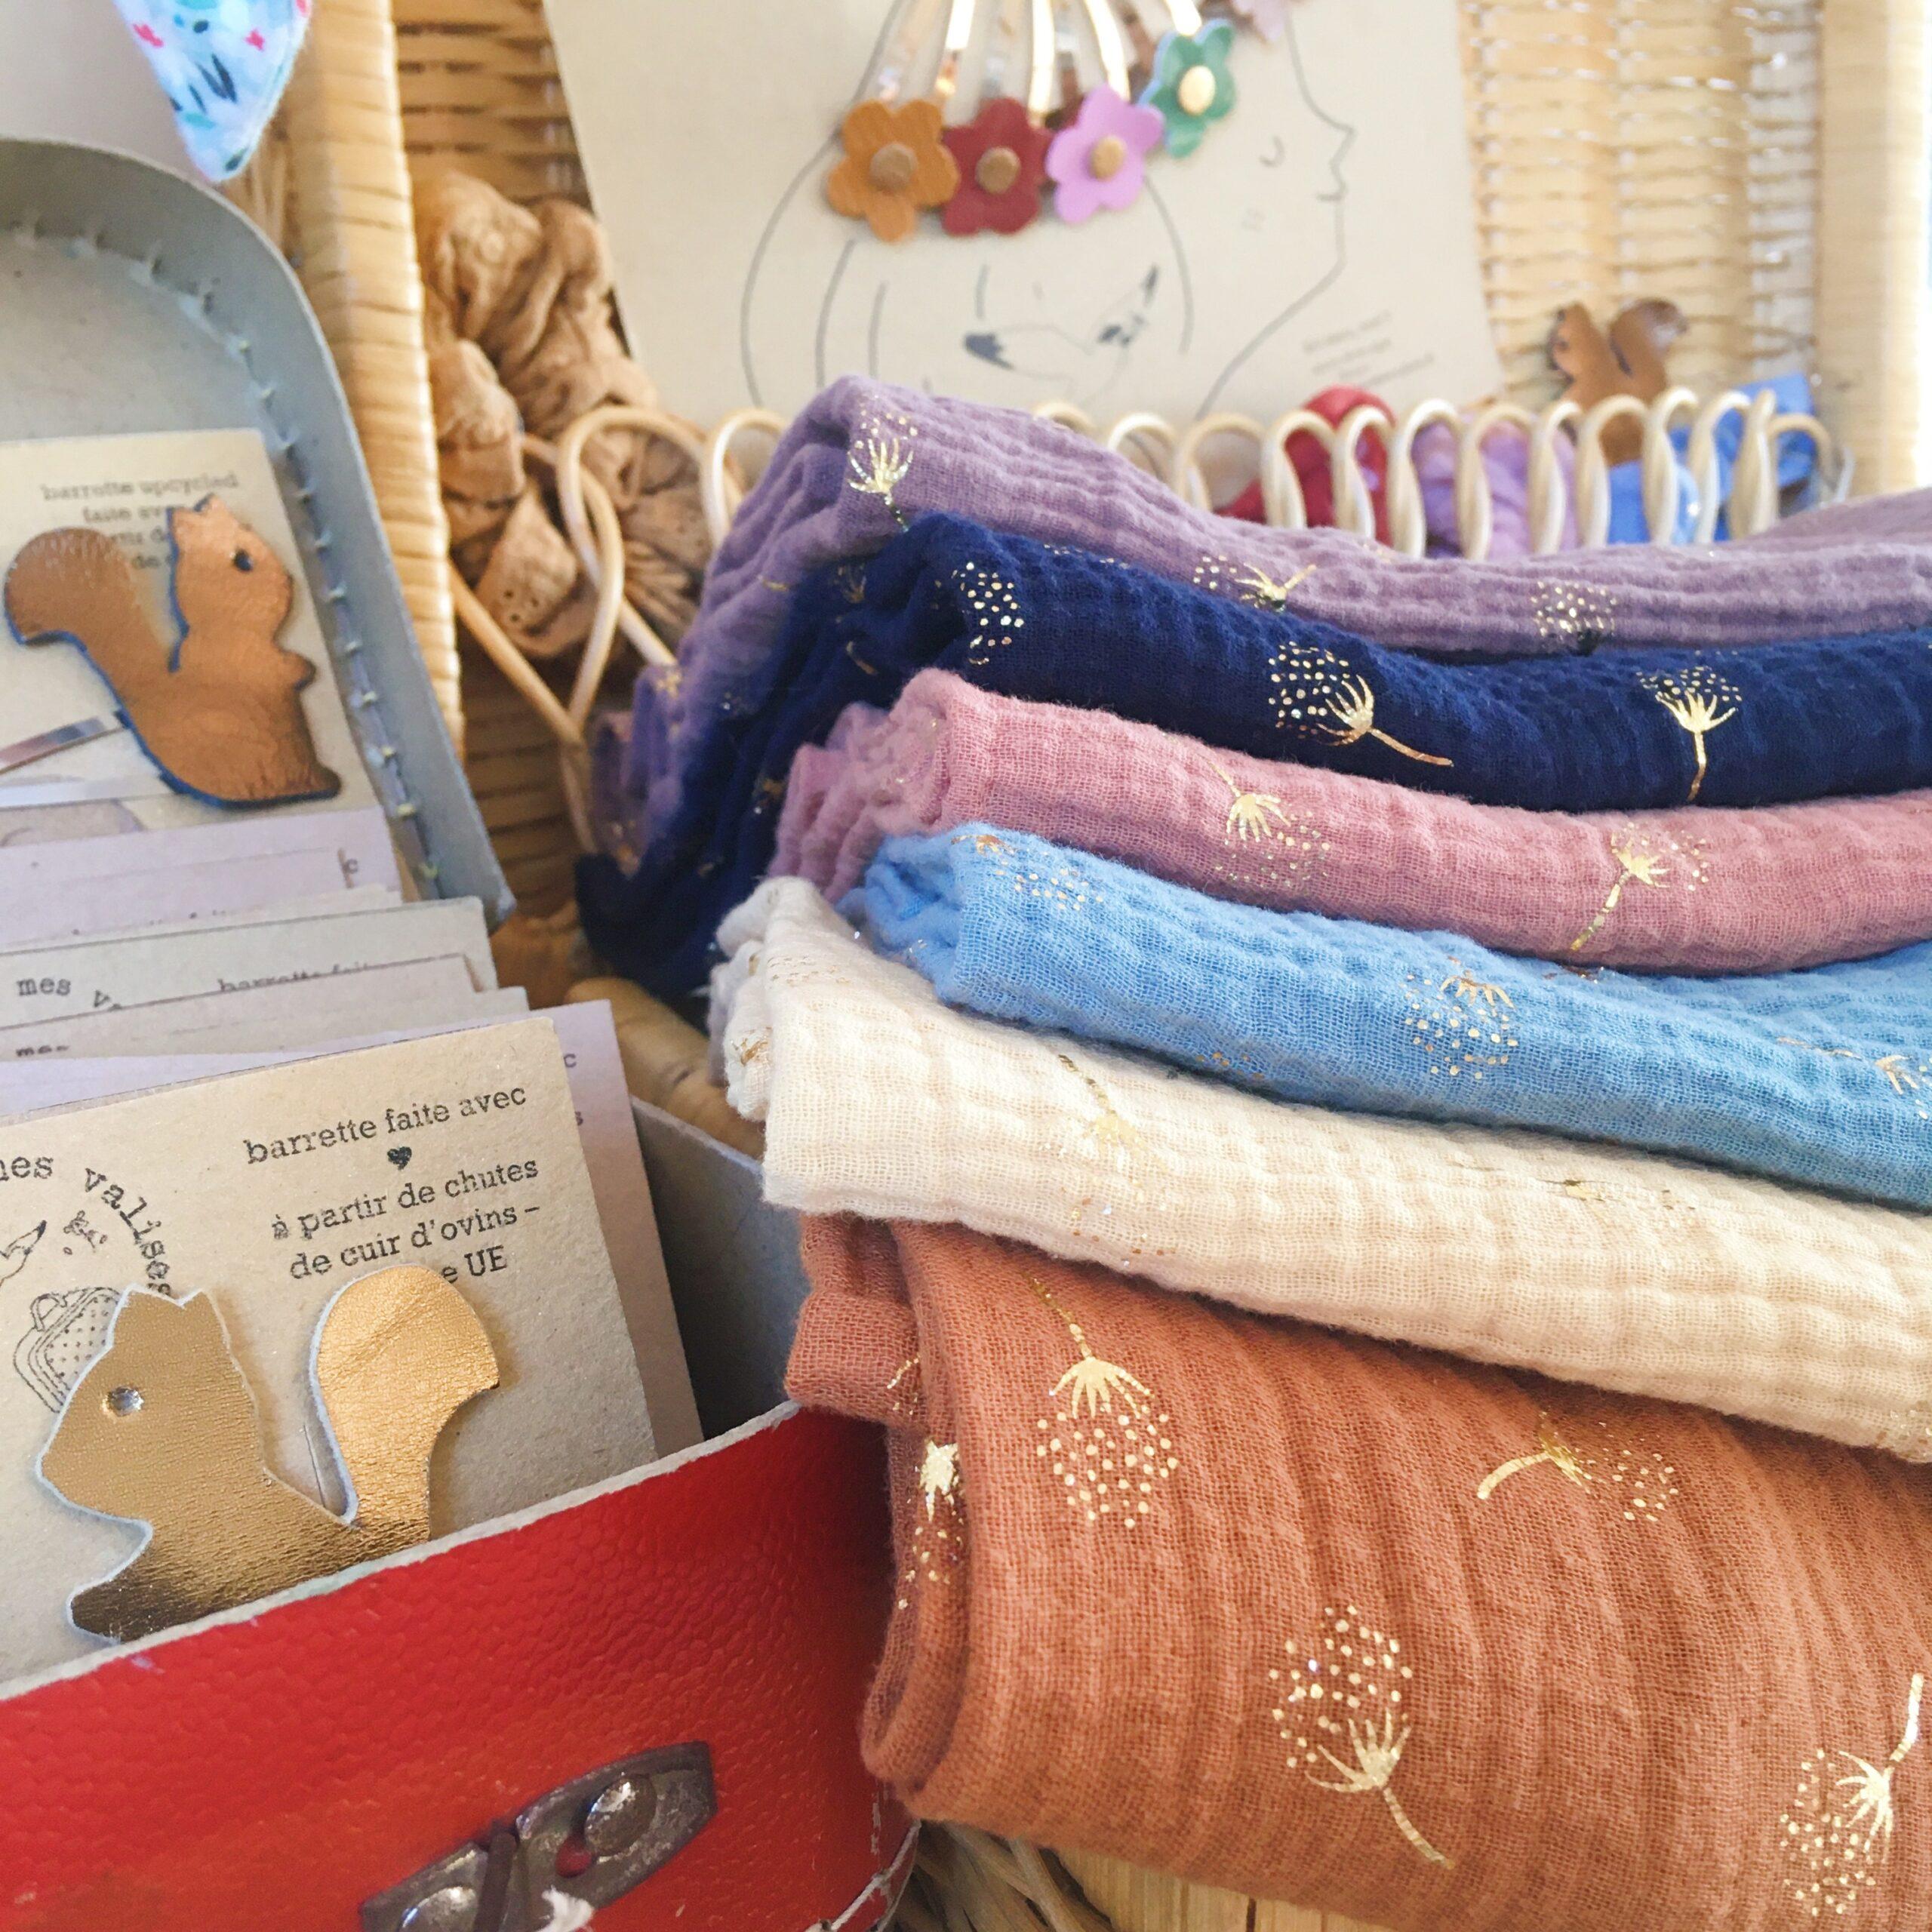 accessoires femme automne hiver confection artisanale française en cuir et double gaze de coton - du vent dans mes valises